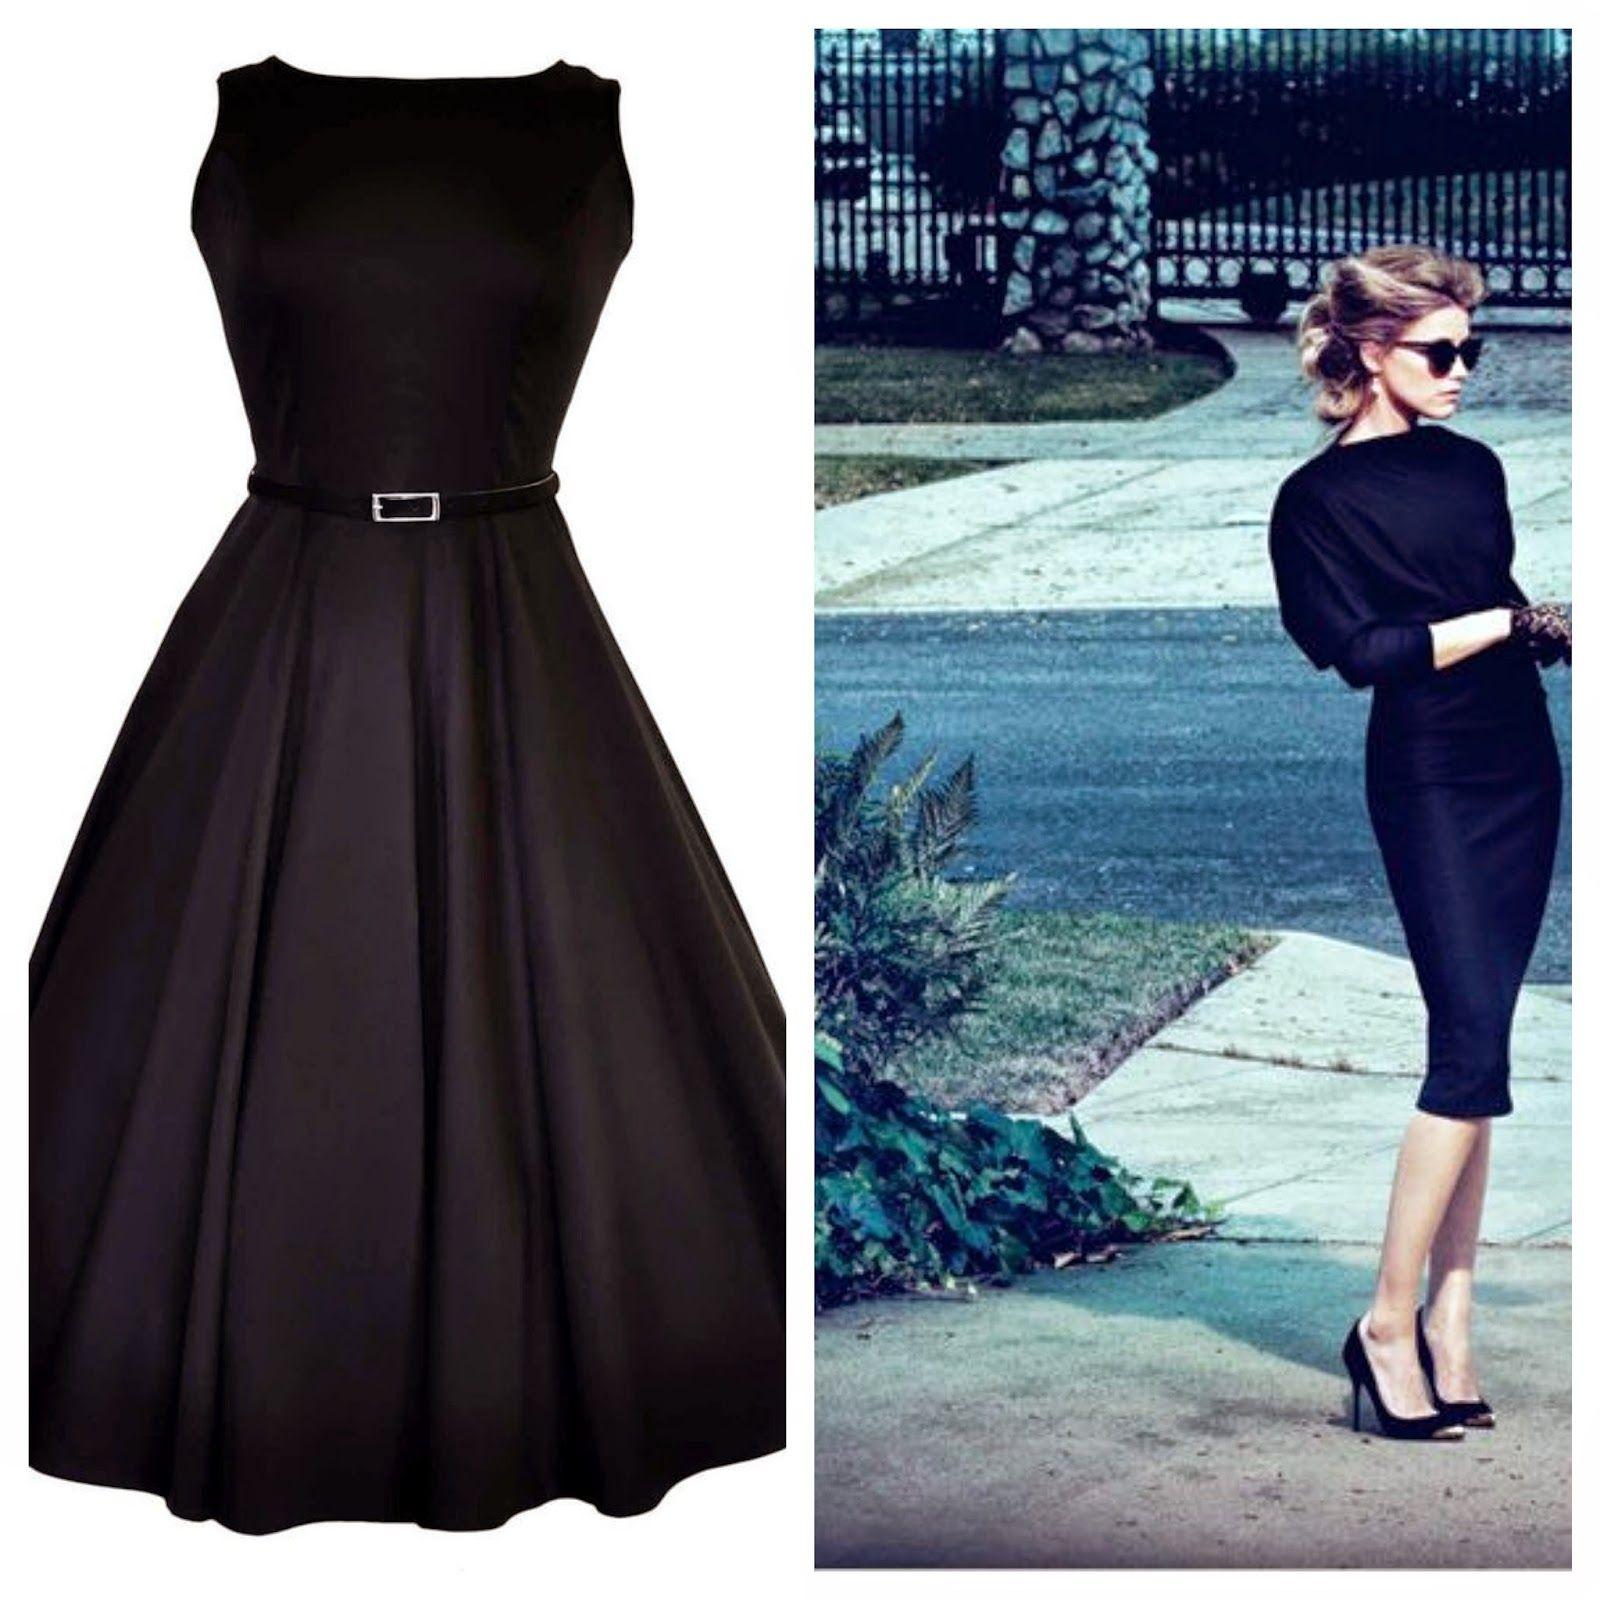 La Mode Dans Le Monde Tendance 2015 17 Robes Noires A Avoir Dans Son Dressing Robe Noire Mode Petite Robe Noire